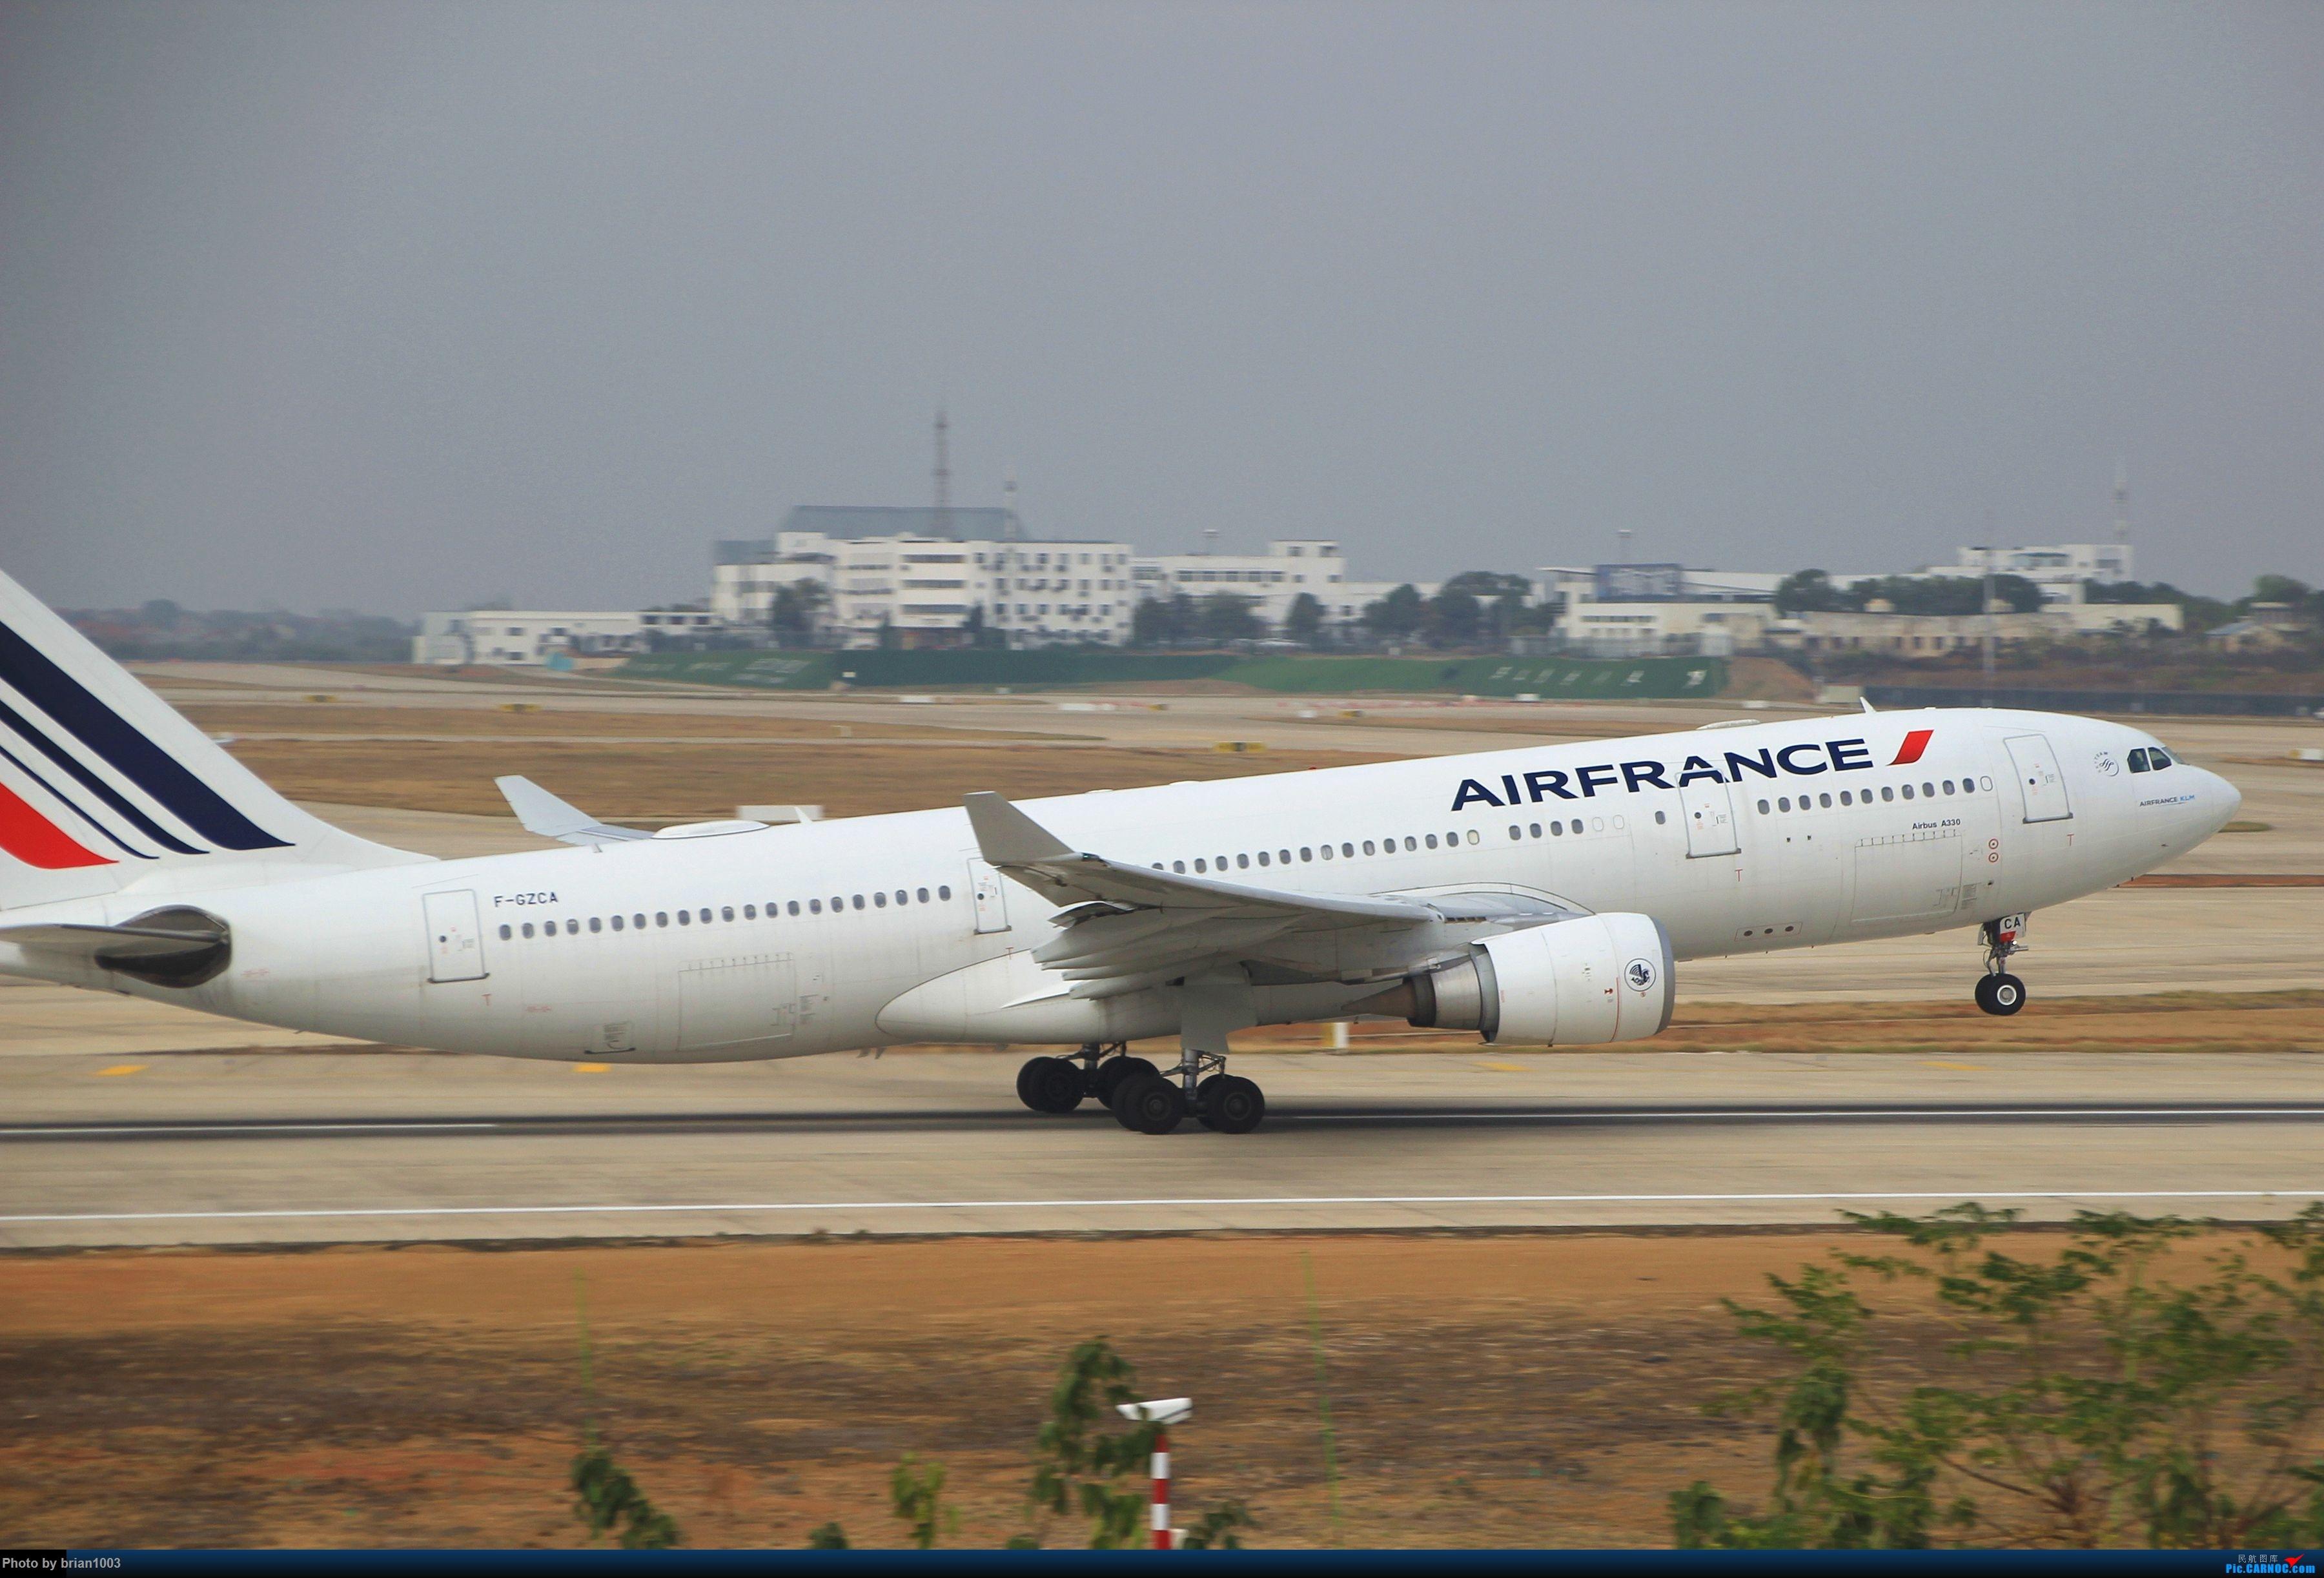 Re:[原创]WUH武汉天河机场拍机之新航季来的海航333和幸福的738 AIRBUS A330-200 F-GZCA 中国武汉天河国际机场